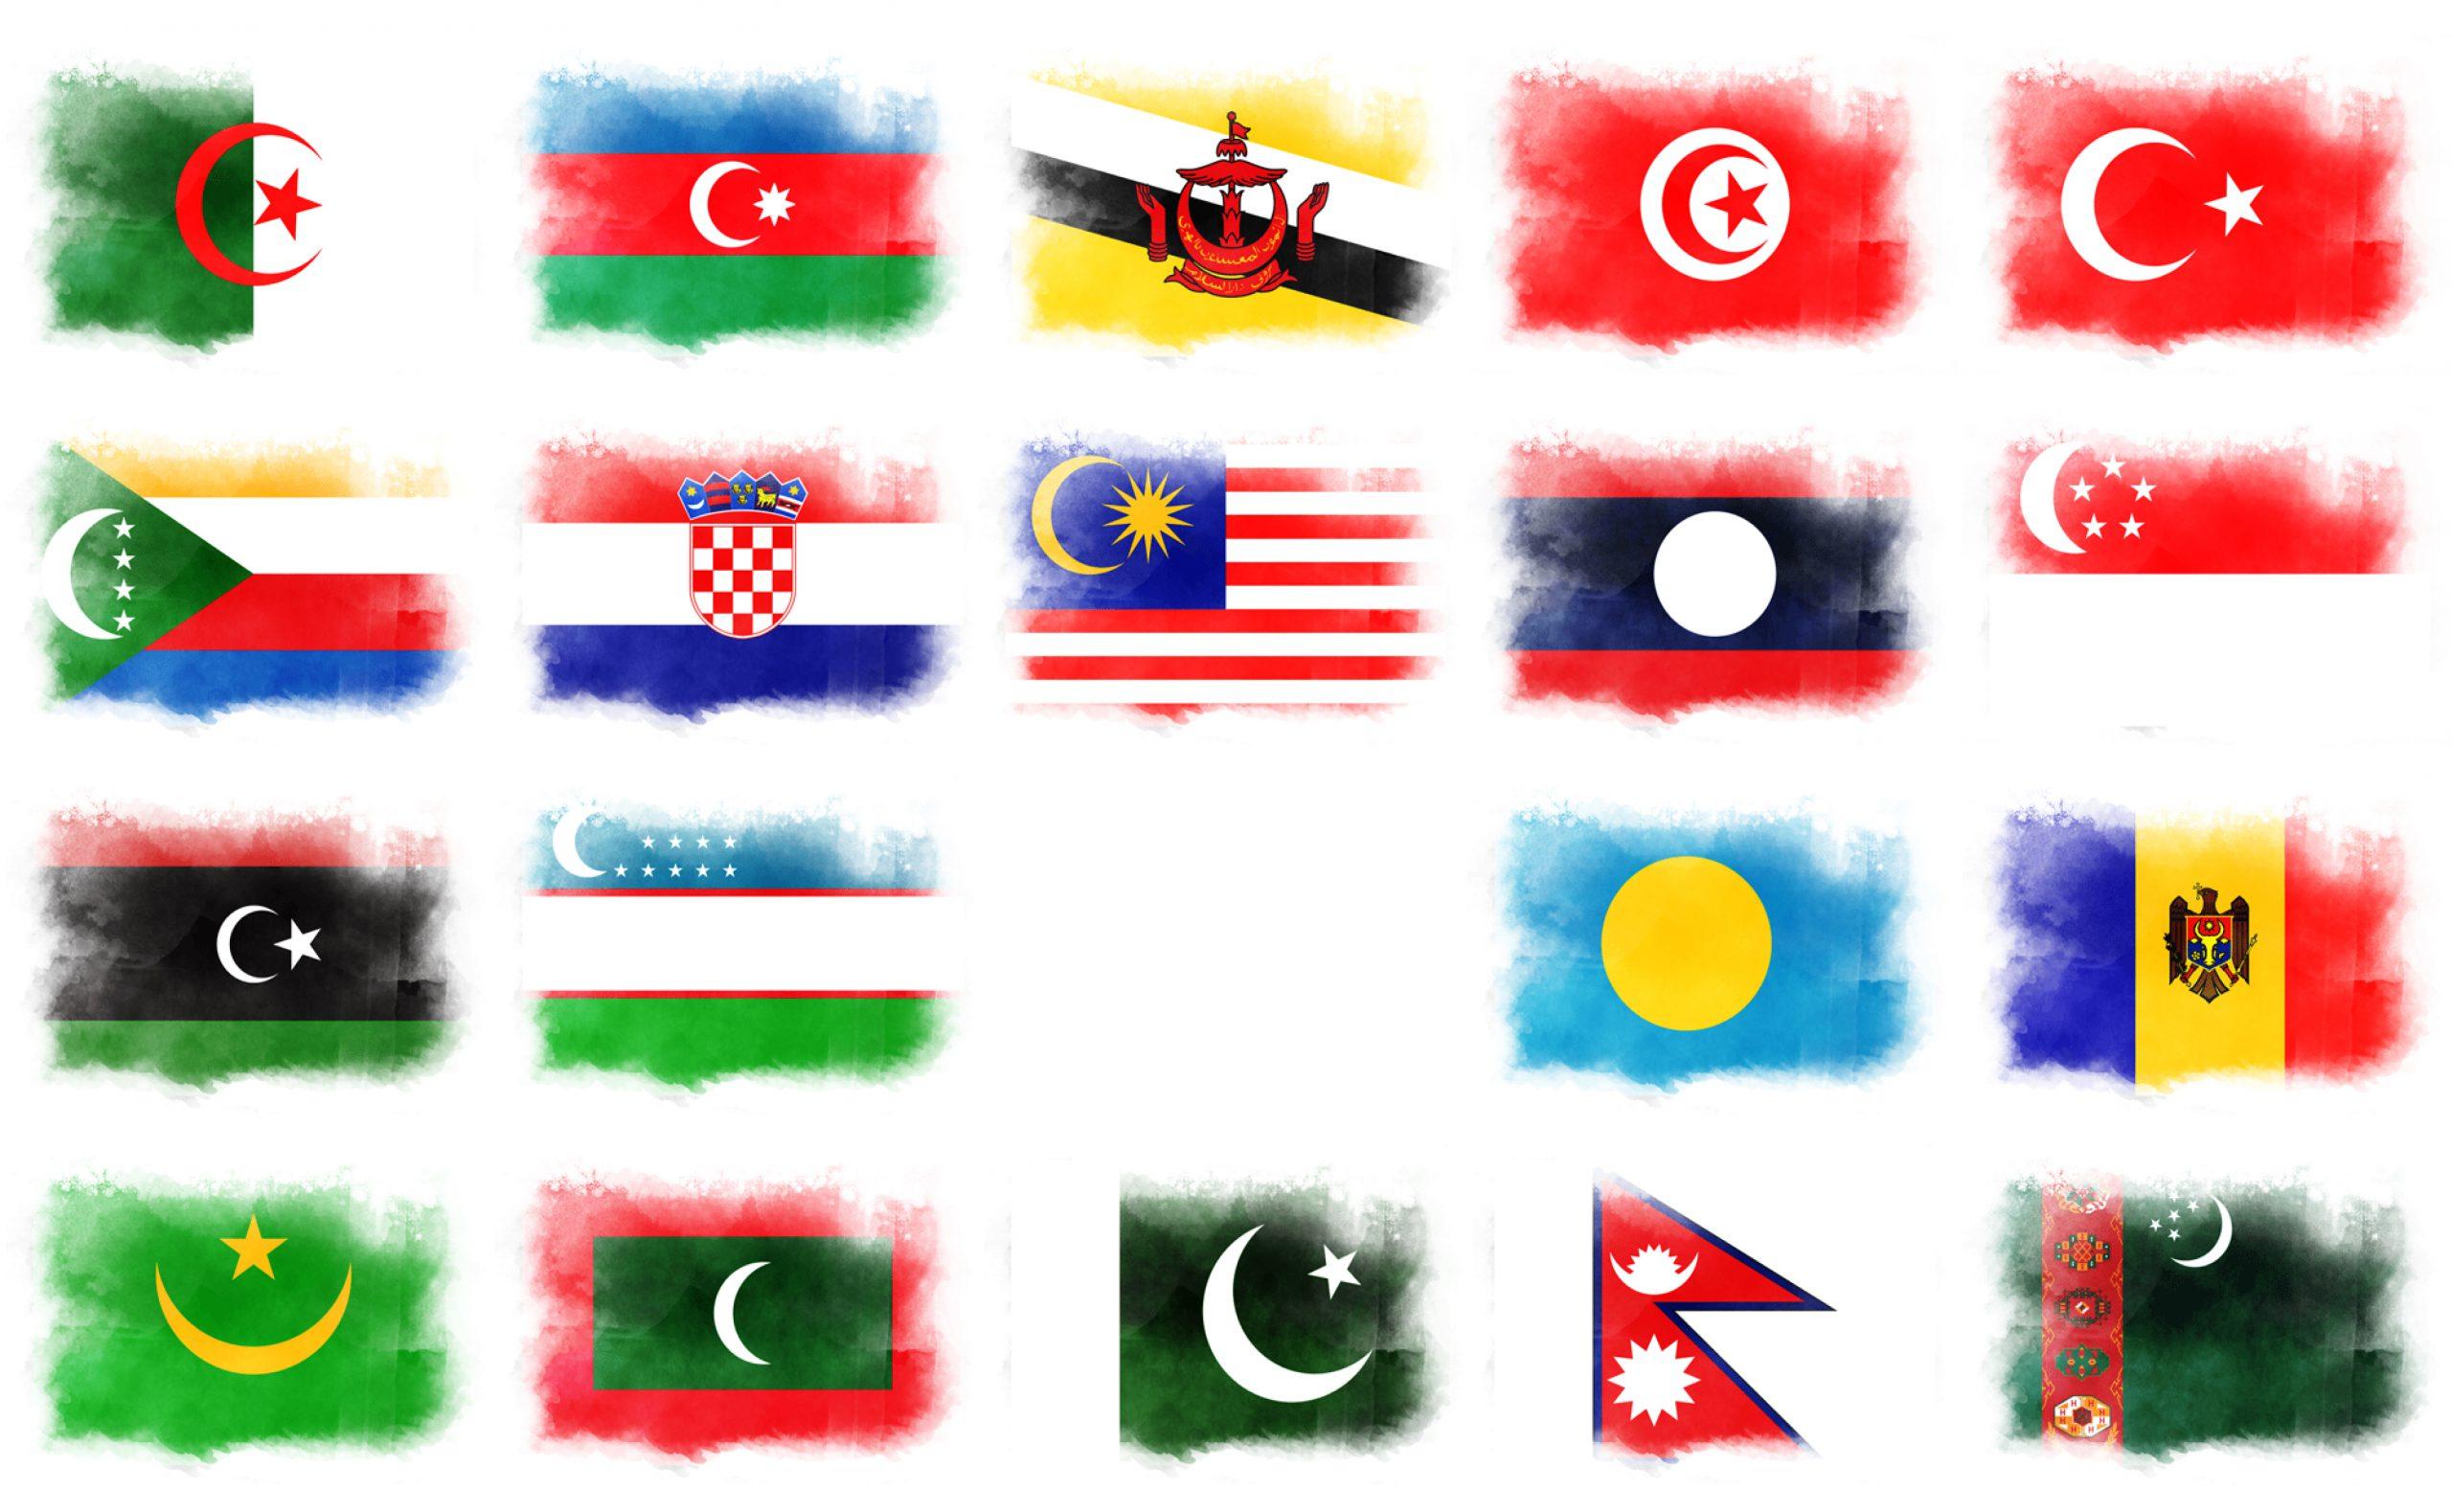 月がデザインされた国旗19ヵ国一覧